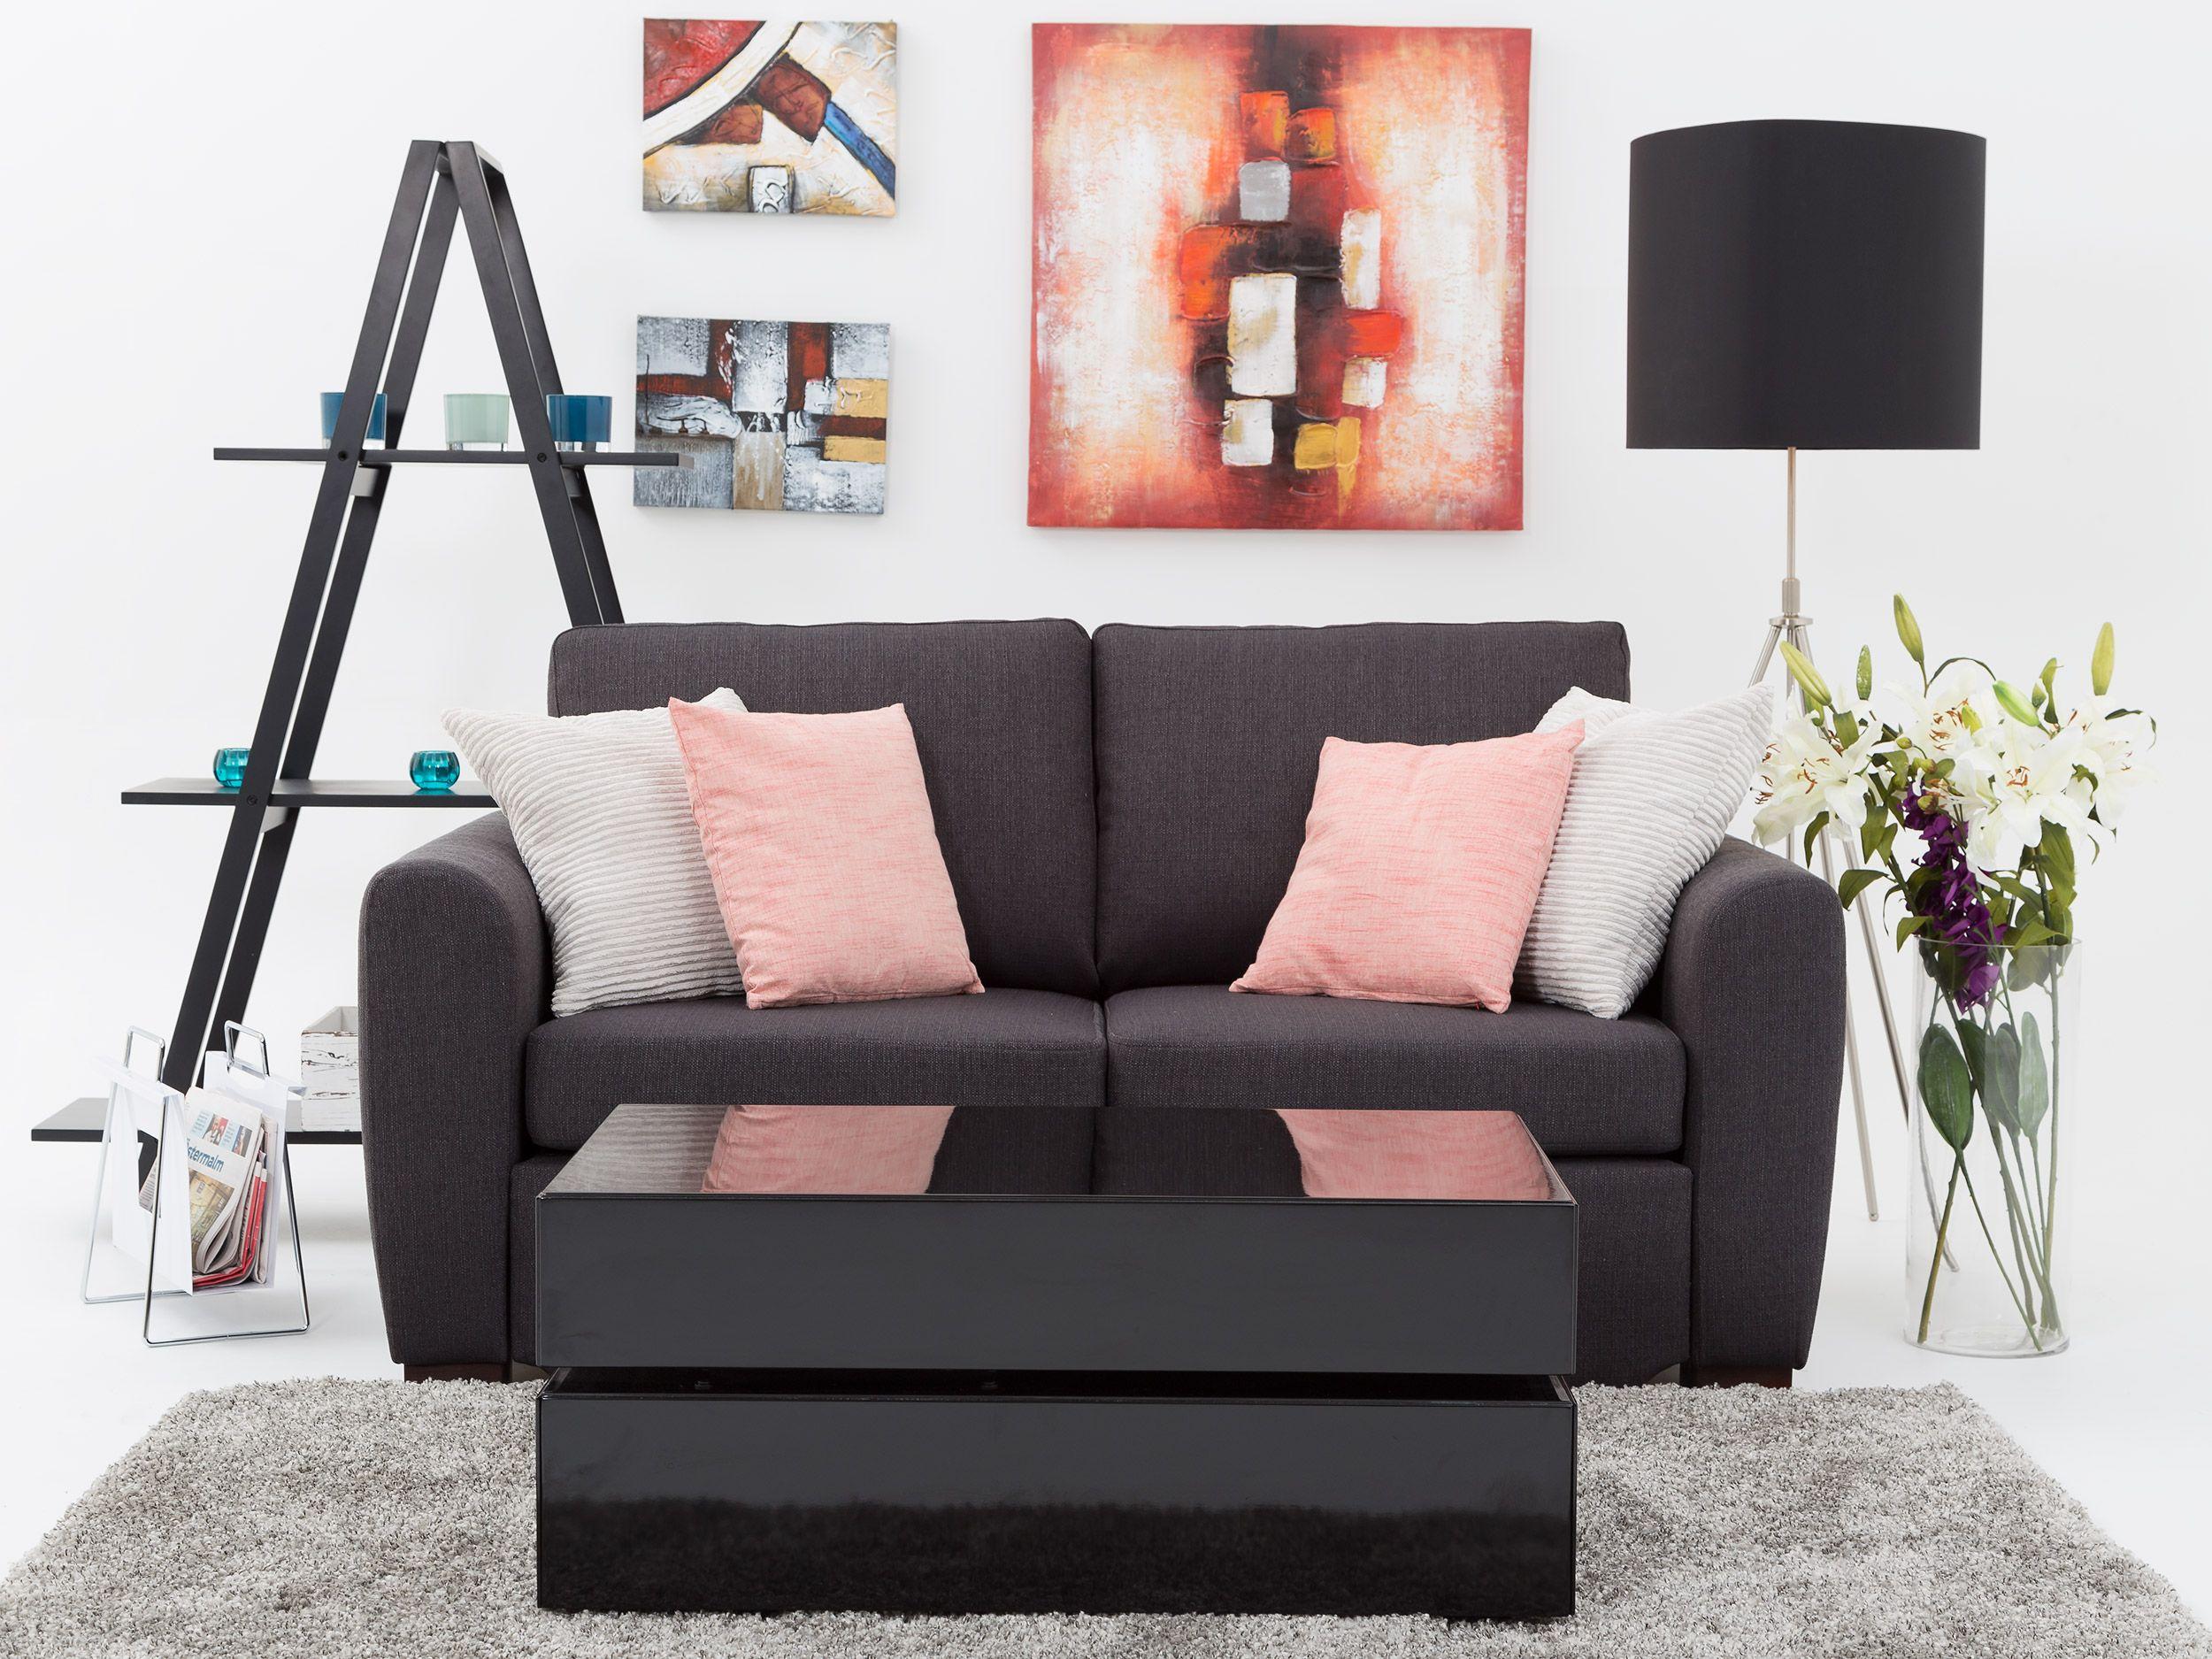 Grymt snygg soffa från Furniturebox, du får just nu fri frakt via ...